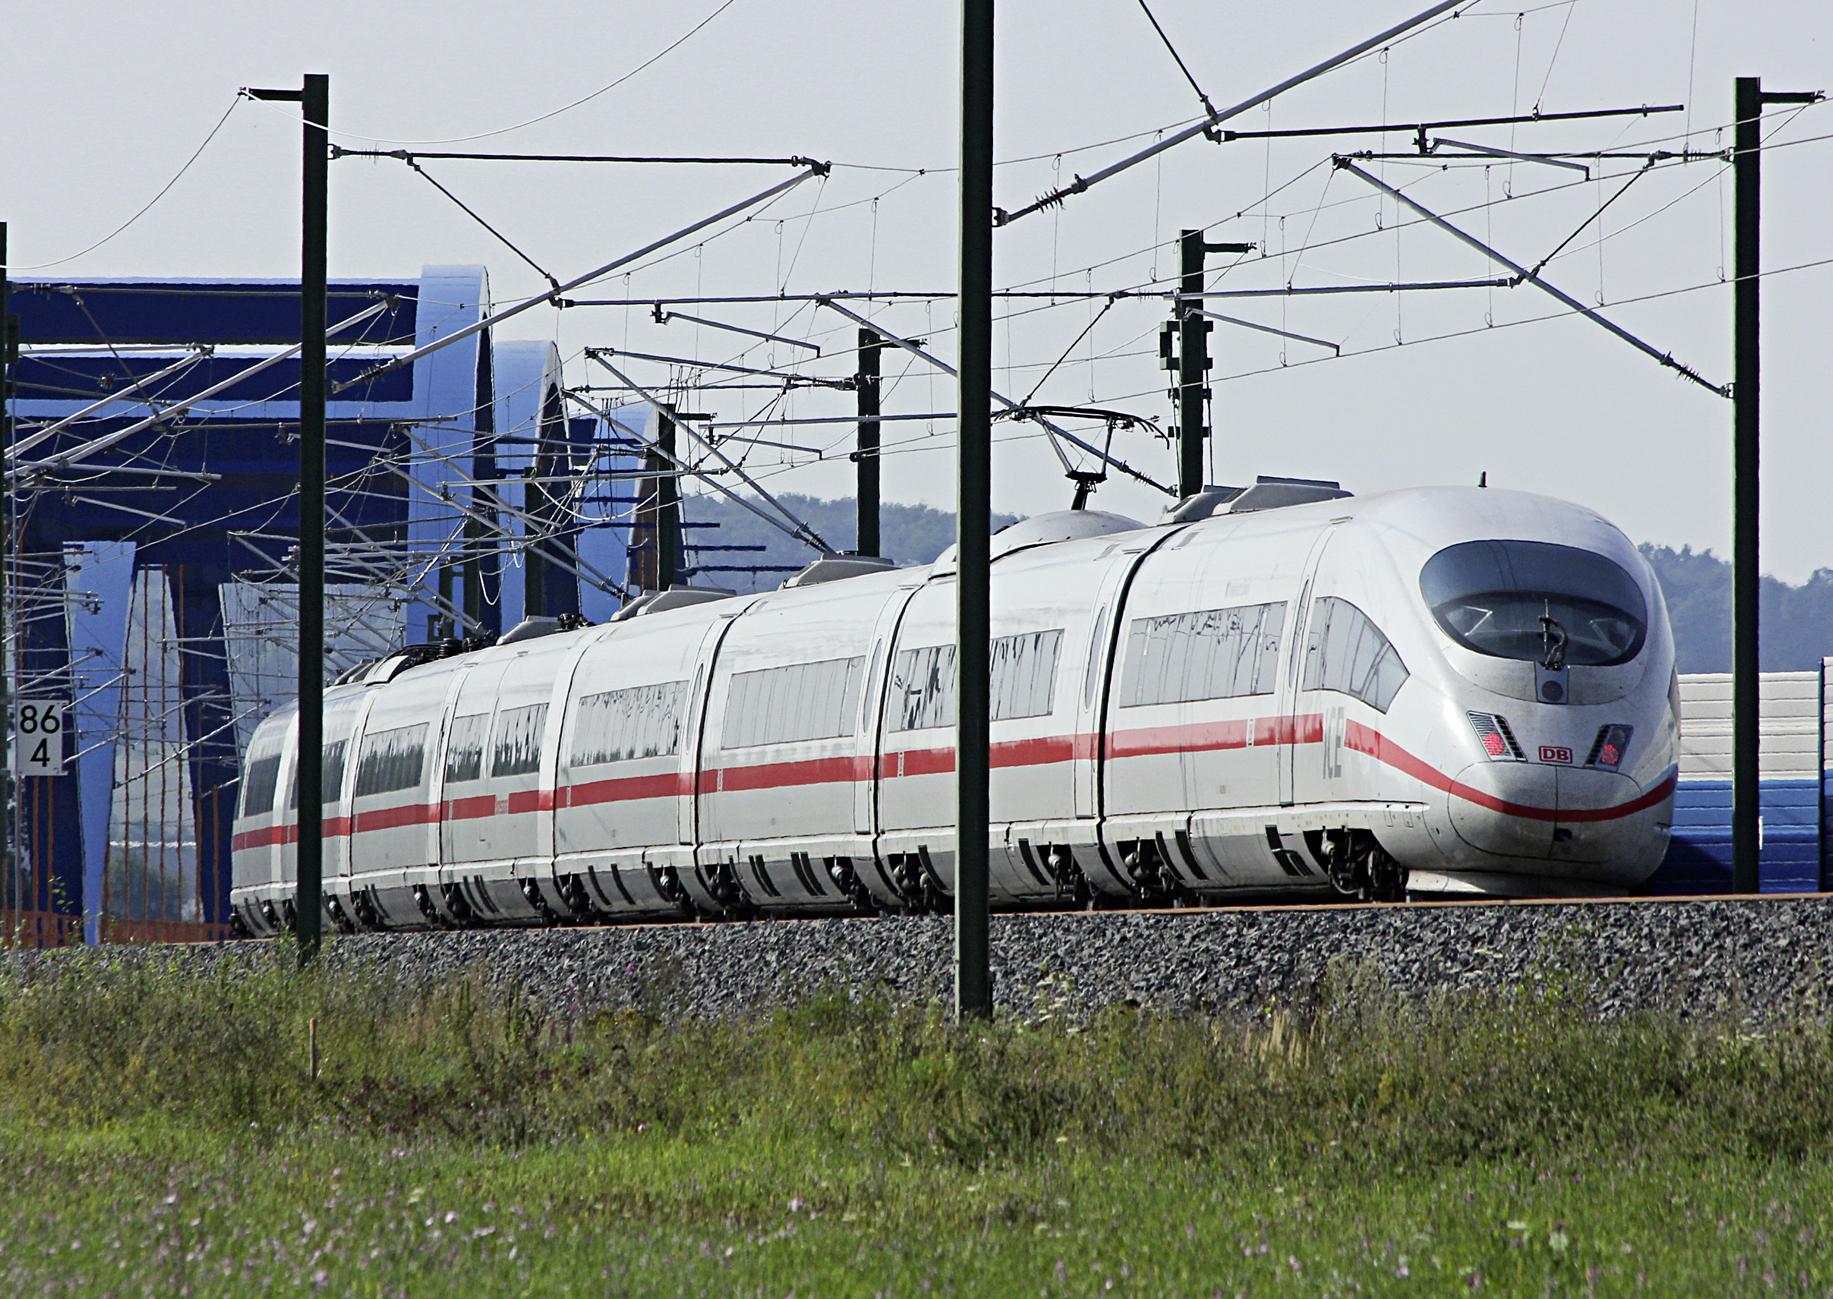 ein ICE der Deutschen Bahn in Fahrt